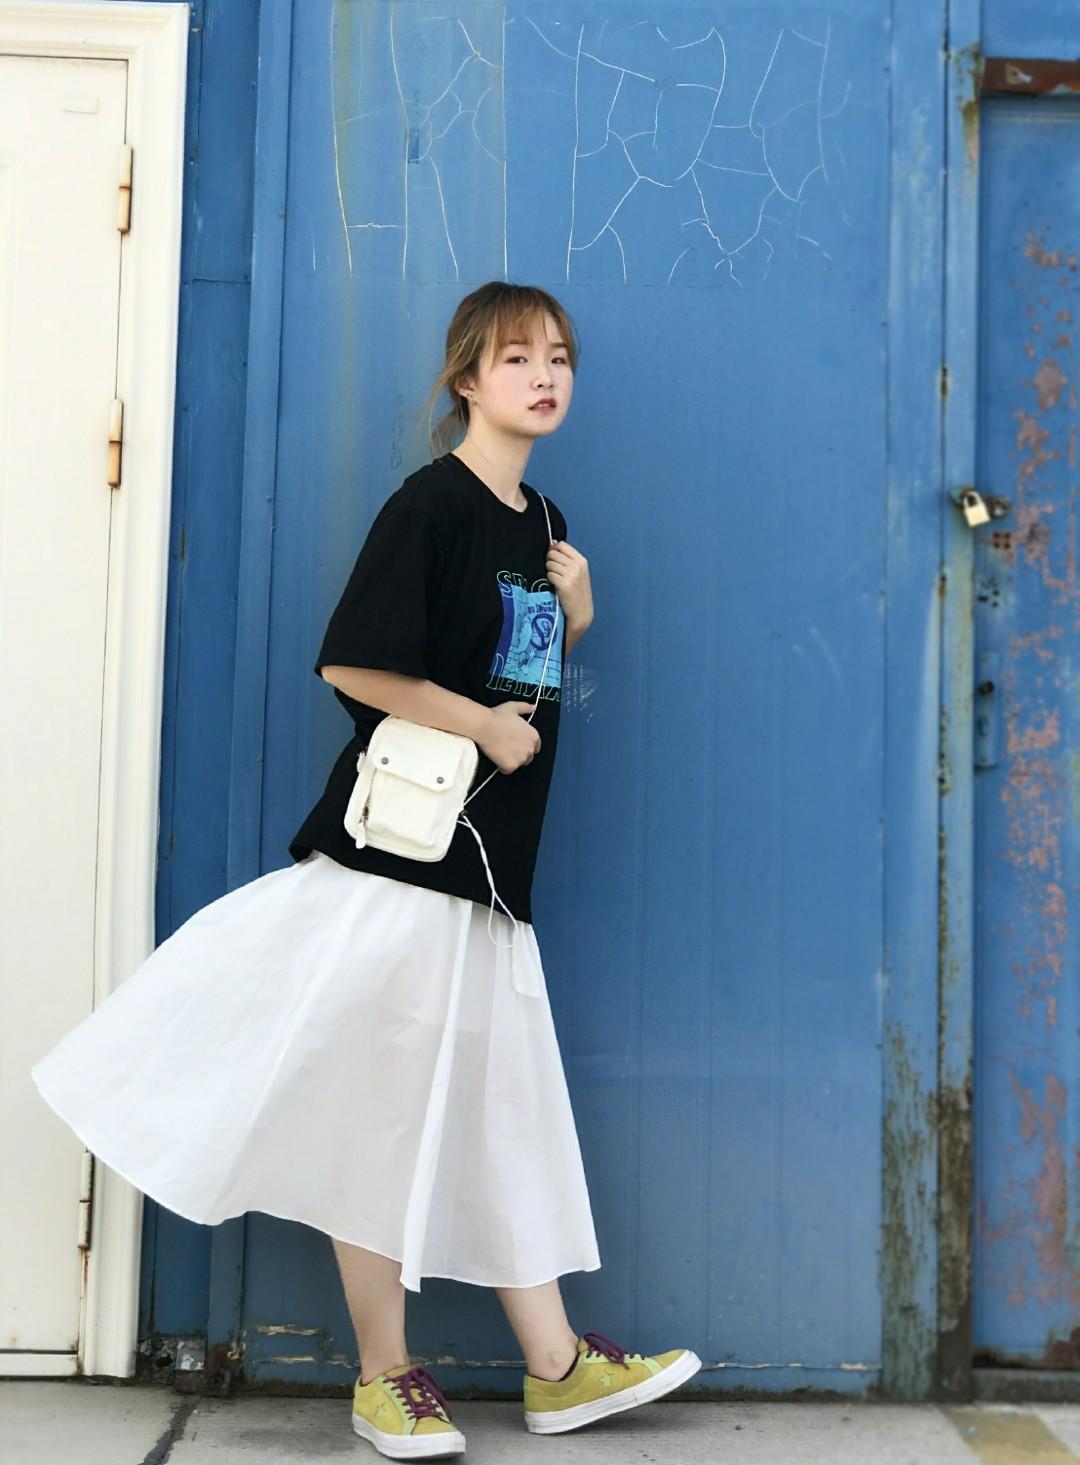 #梨形mm这么穿=又高又瘦# 黑色印花t恤百搭又好穿 白色半身裙太爱啦!穿上就是仙女啦~ 黑白两色搭在一起太百搭啦!! 搭配一双亮色的鞋子和与裙子颜色呼应的小包! 整体look清新自然,协调又好看🌟